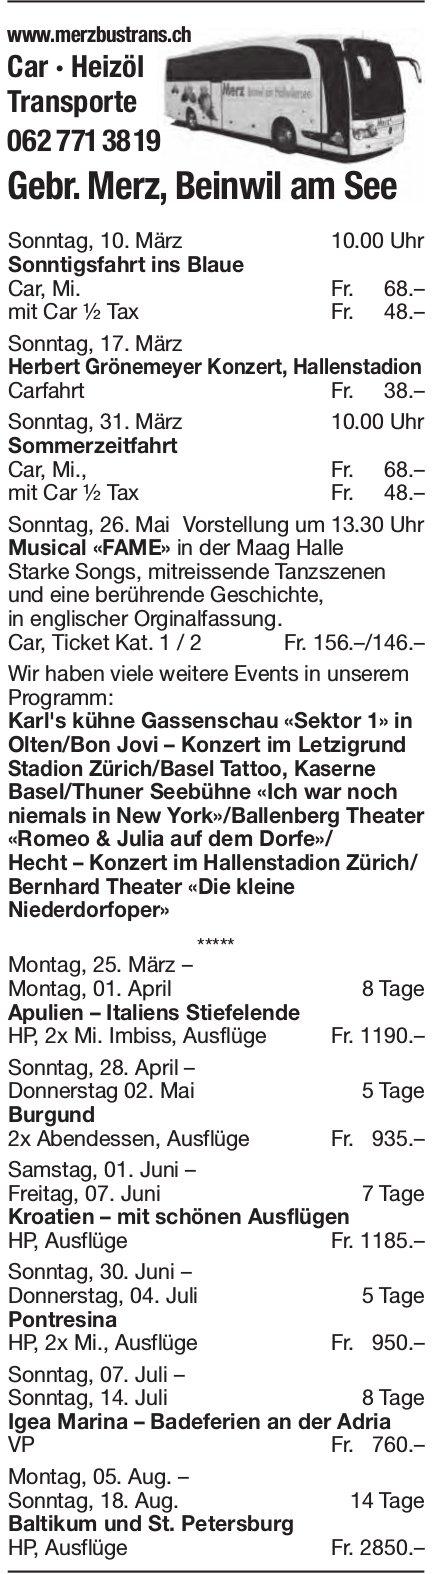 Reiseprogramm, Gebr. Merz Transporte, Beinwil am See